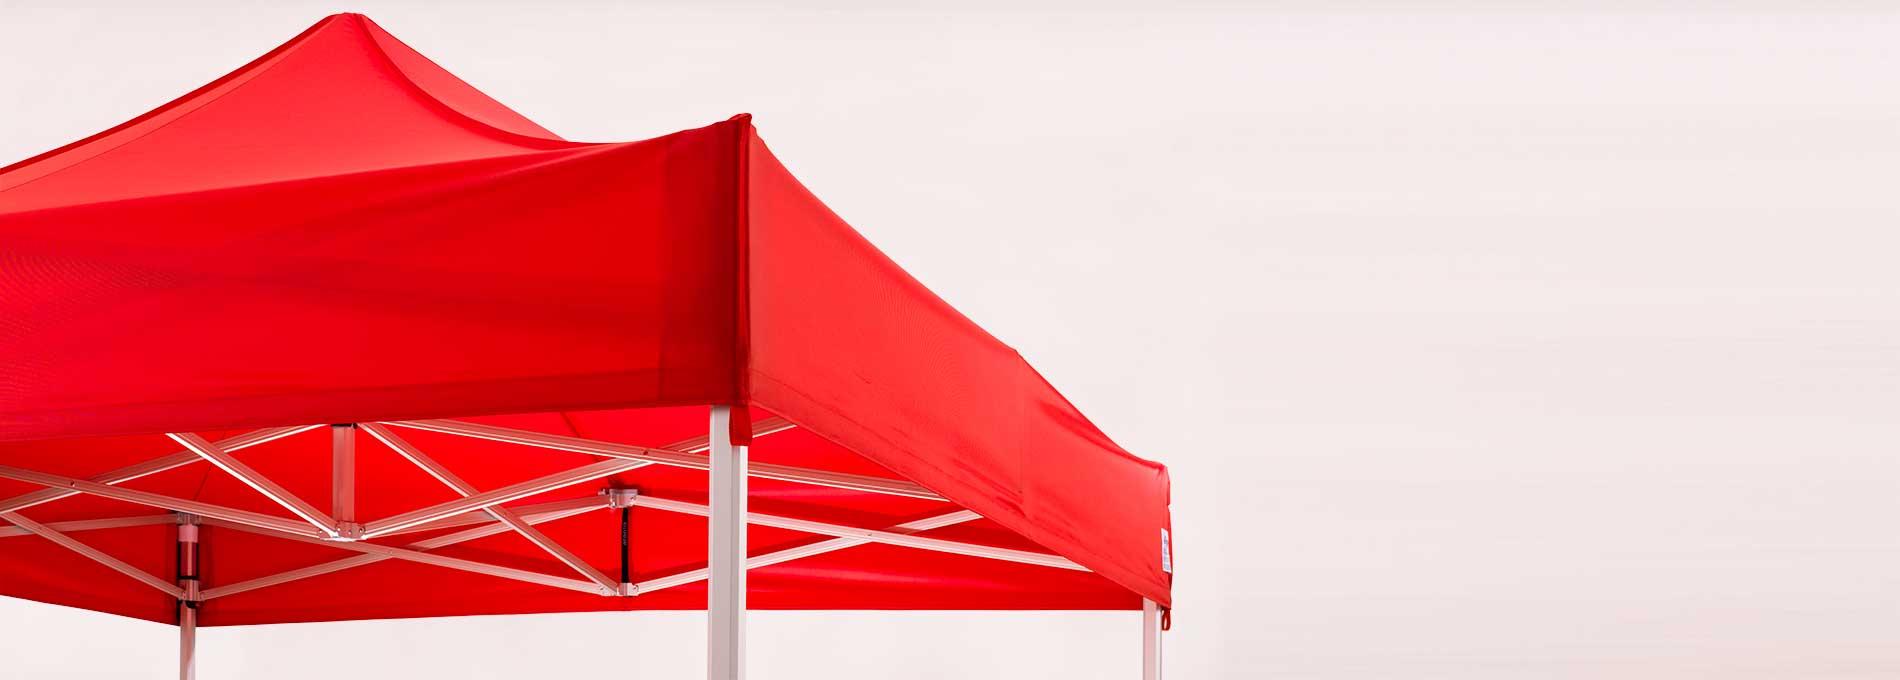 Repariertes Faltzelt mit rotem Dach.